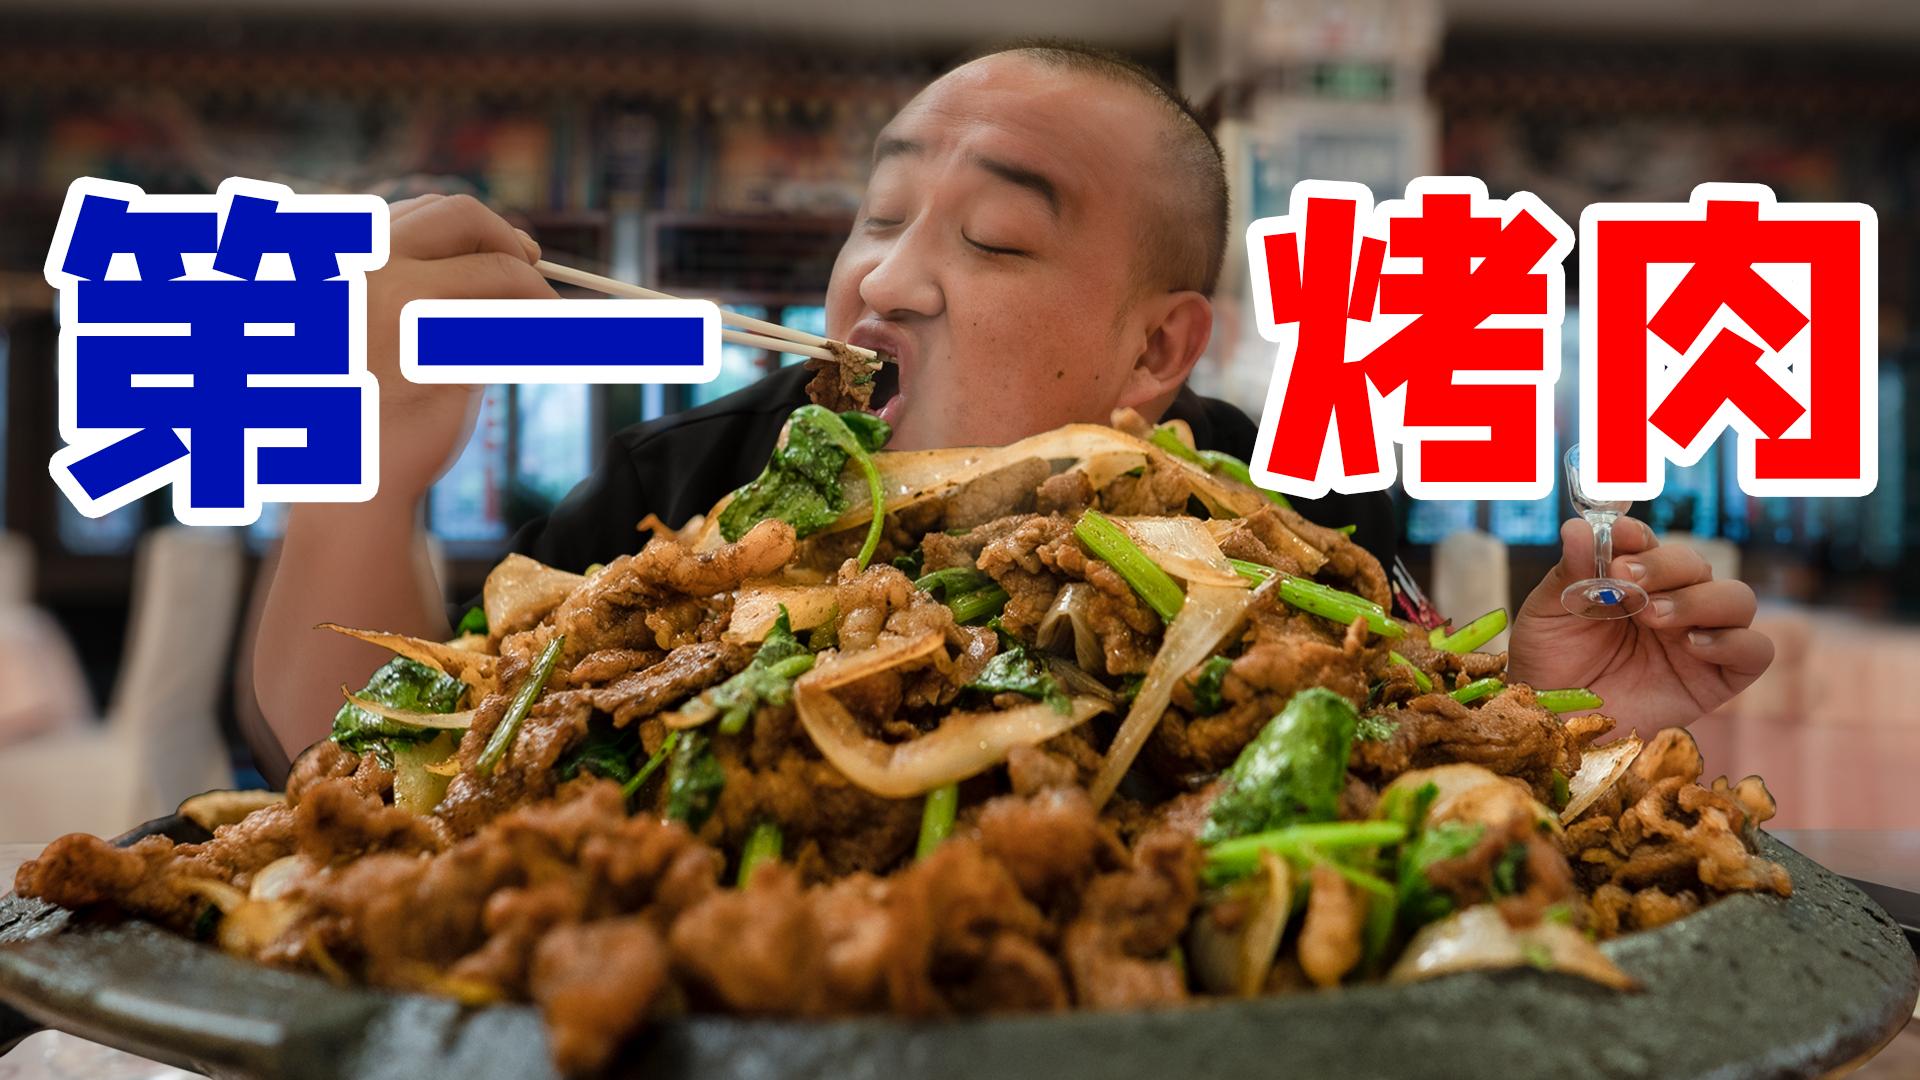 【吃货请闭眼】330年烤肉老字号,烤牛肉称霸北京!一口烤肉一口酒吃着太过瘾了!